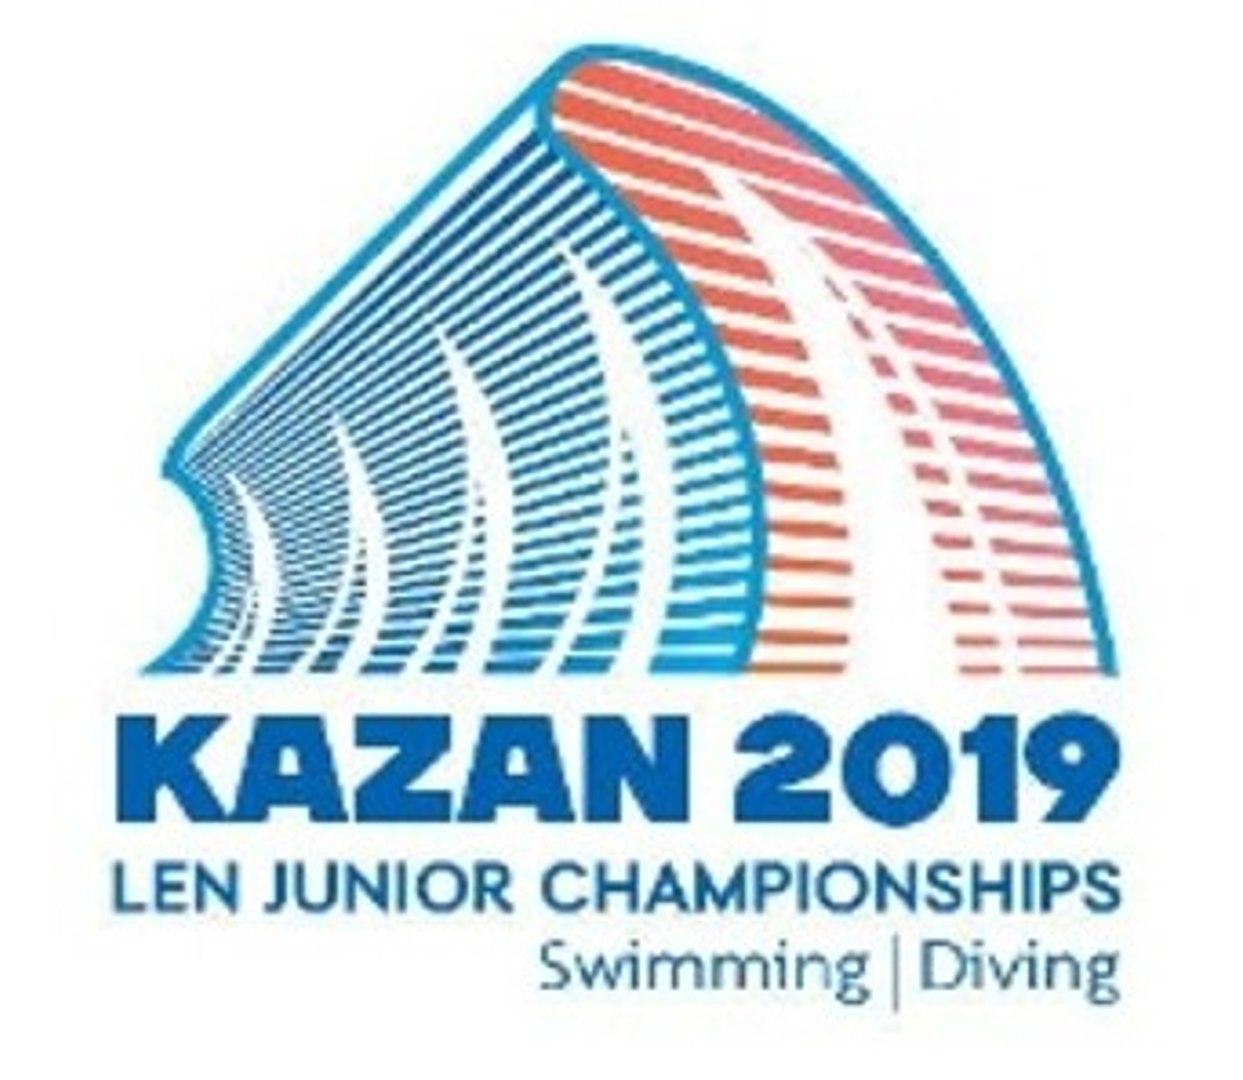 European Junior Diving & Swimming Championships Kazan 2019